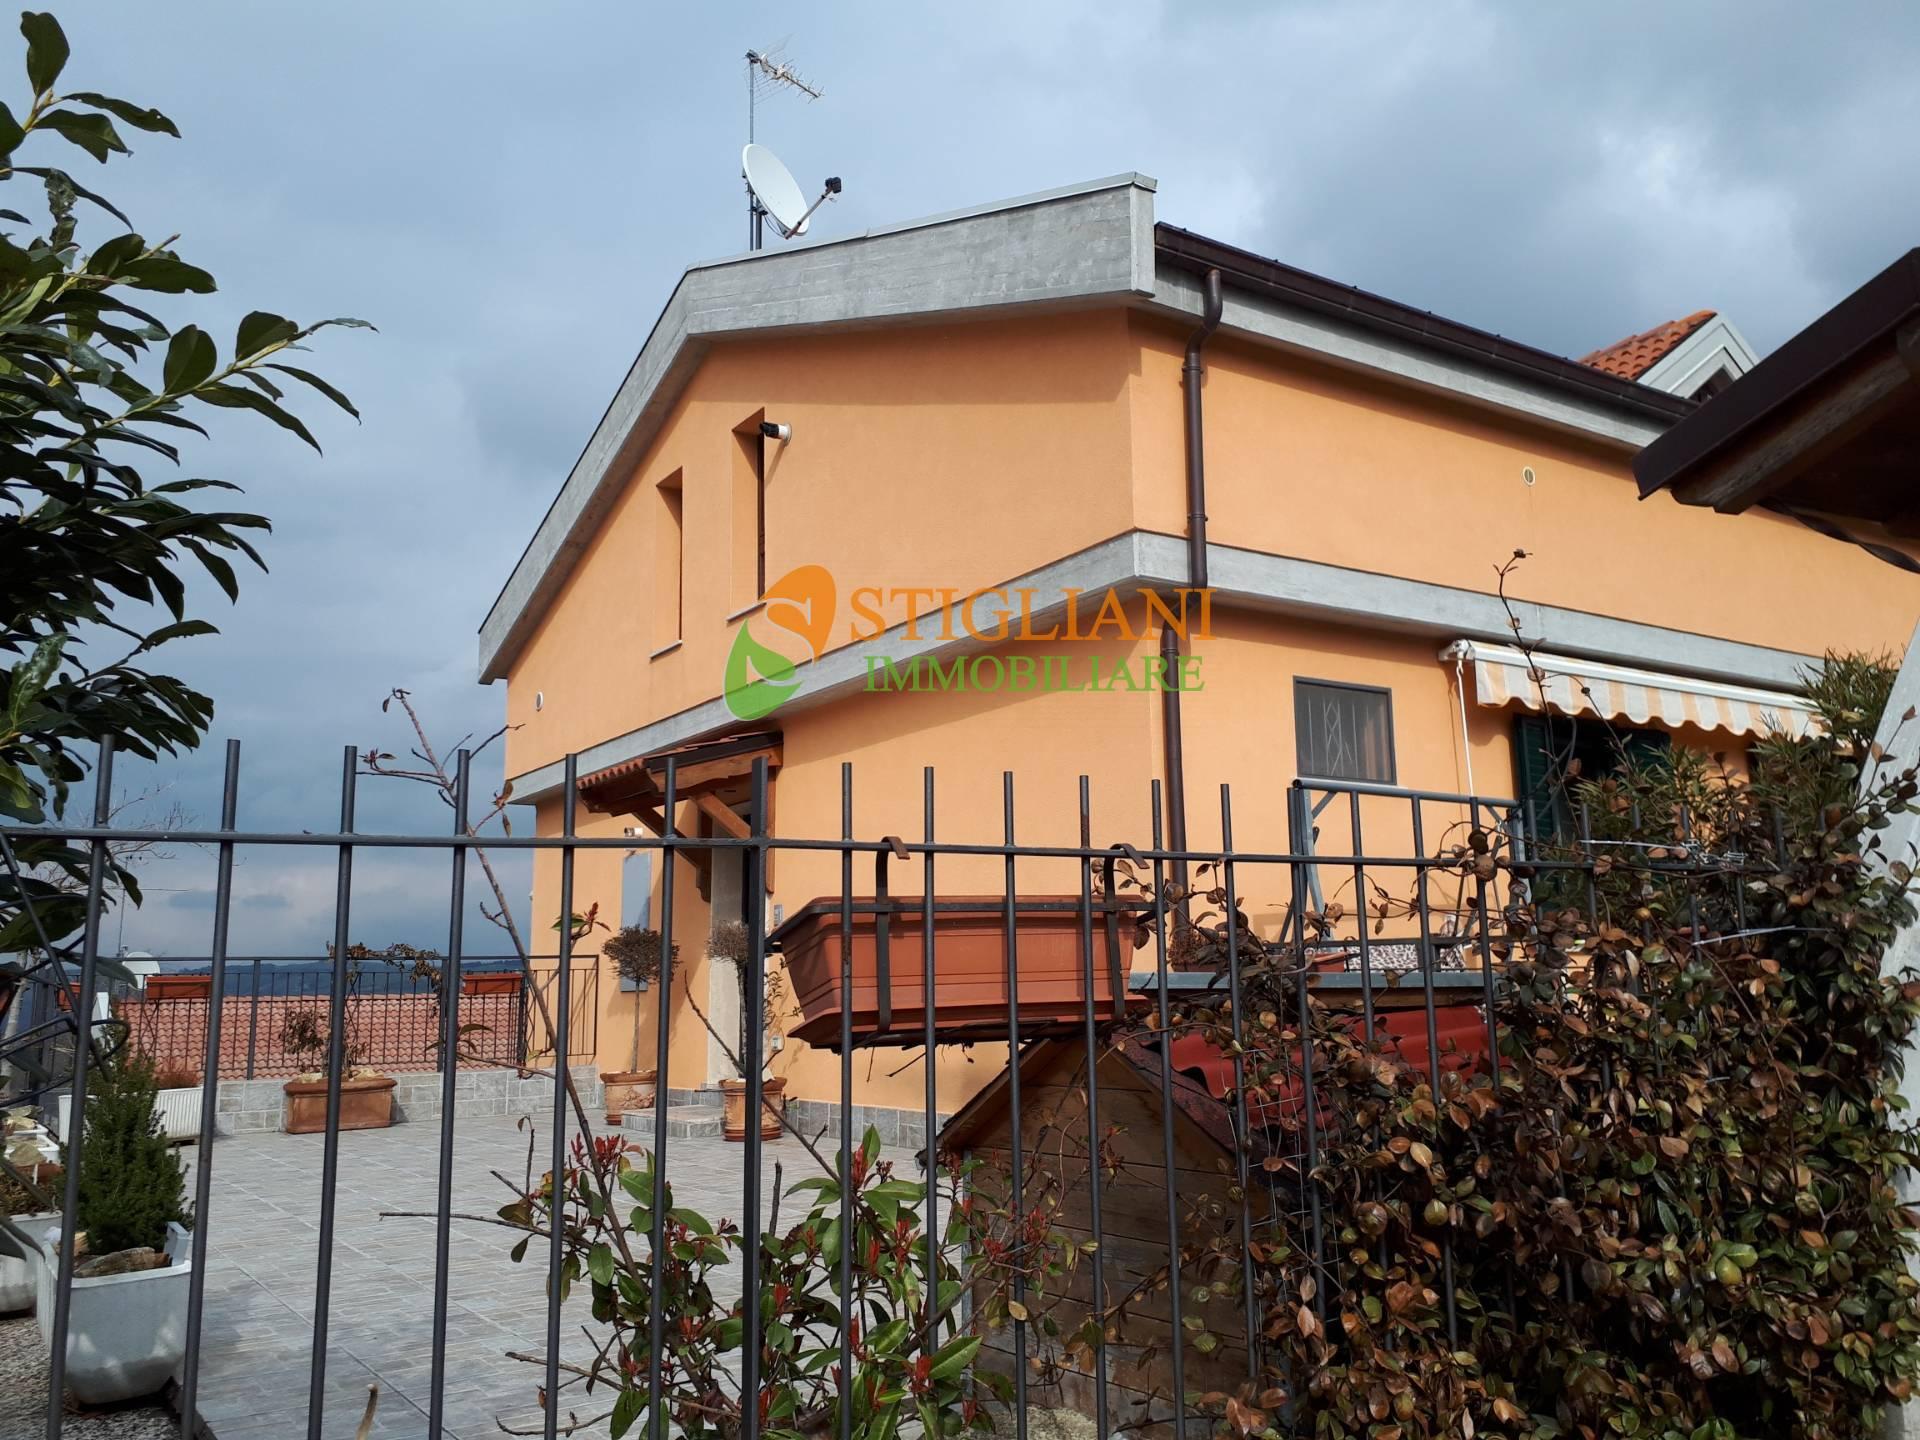 Appartamento in vendita a Ripalimosani, 6 locali, zona Località: ViaRaffaello, prezzo € 230.000 | CambioCasa.it